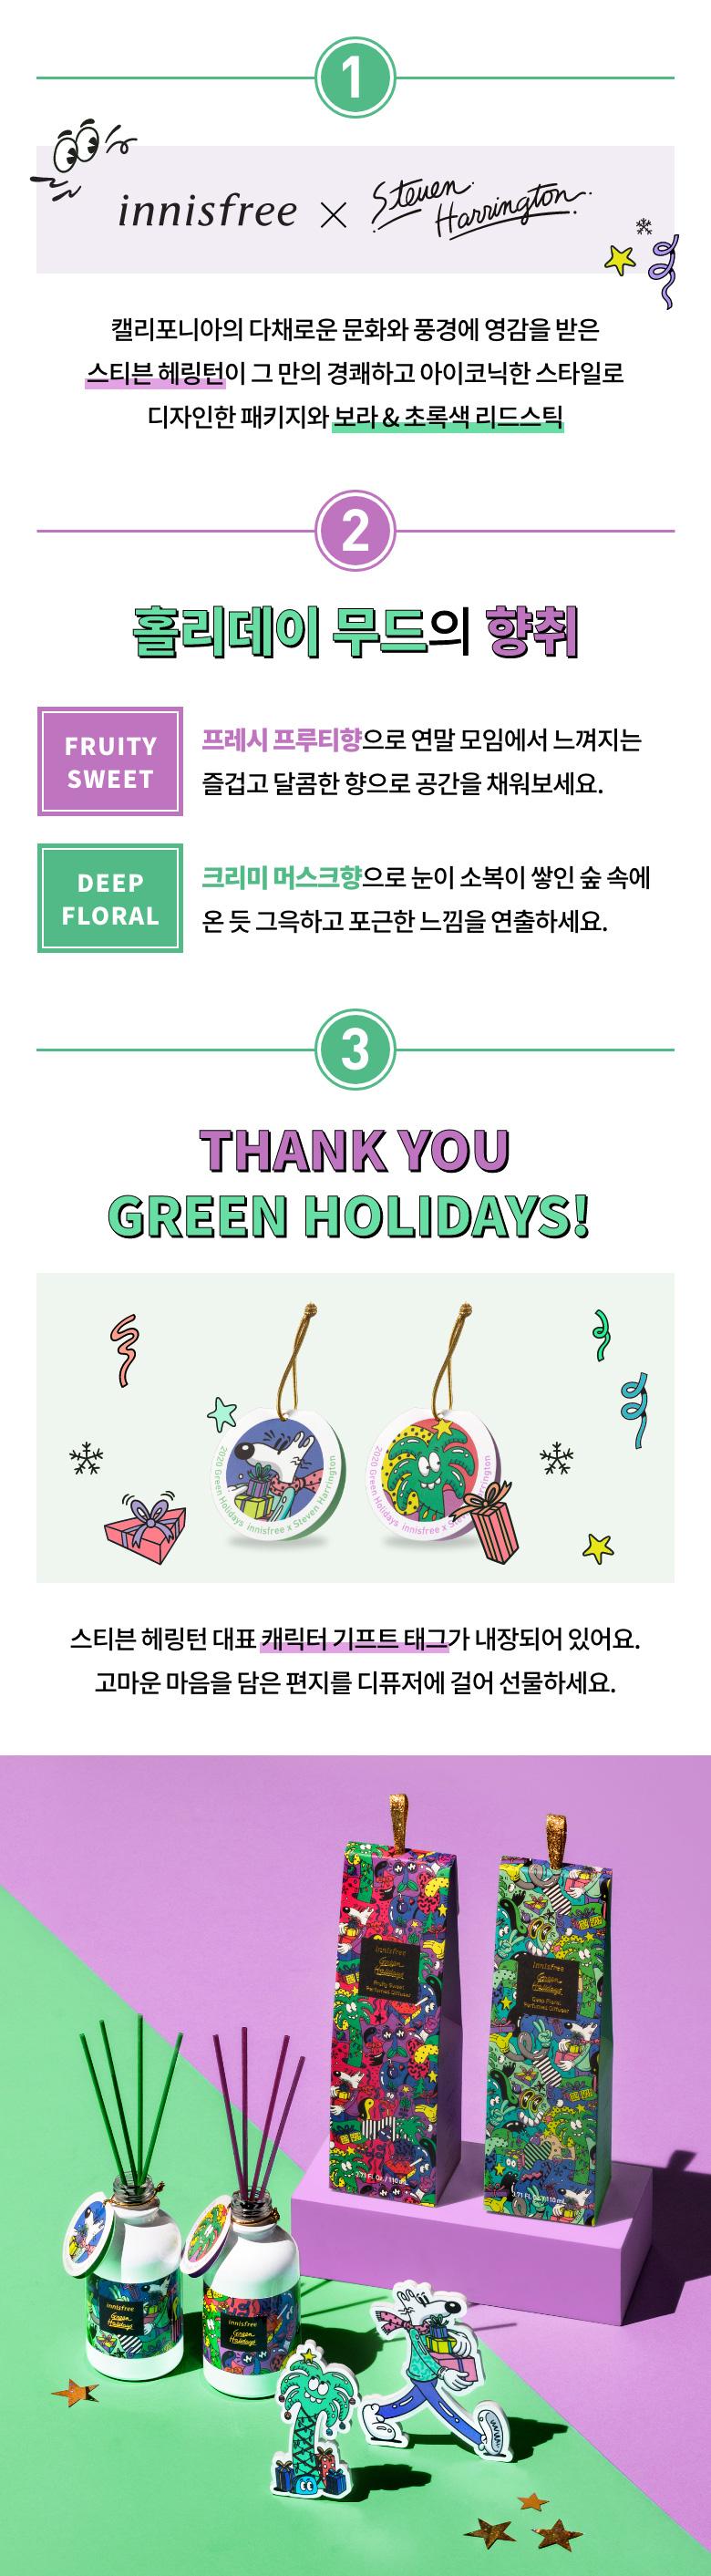 이니스프리 2020 Green Holidays Edition 퍼퓸드 디퓨저 DEEP FLORAL&FRUITY SWEET